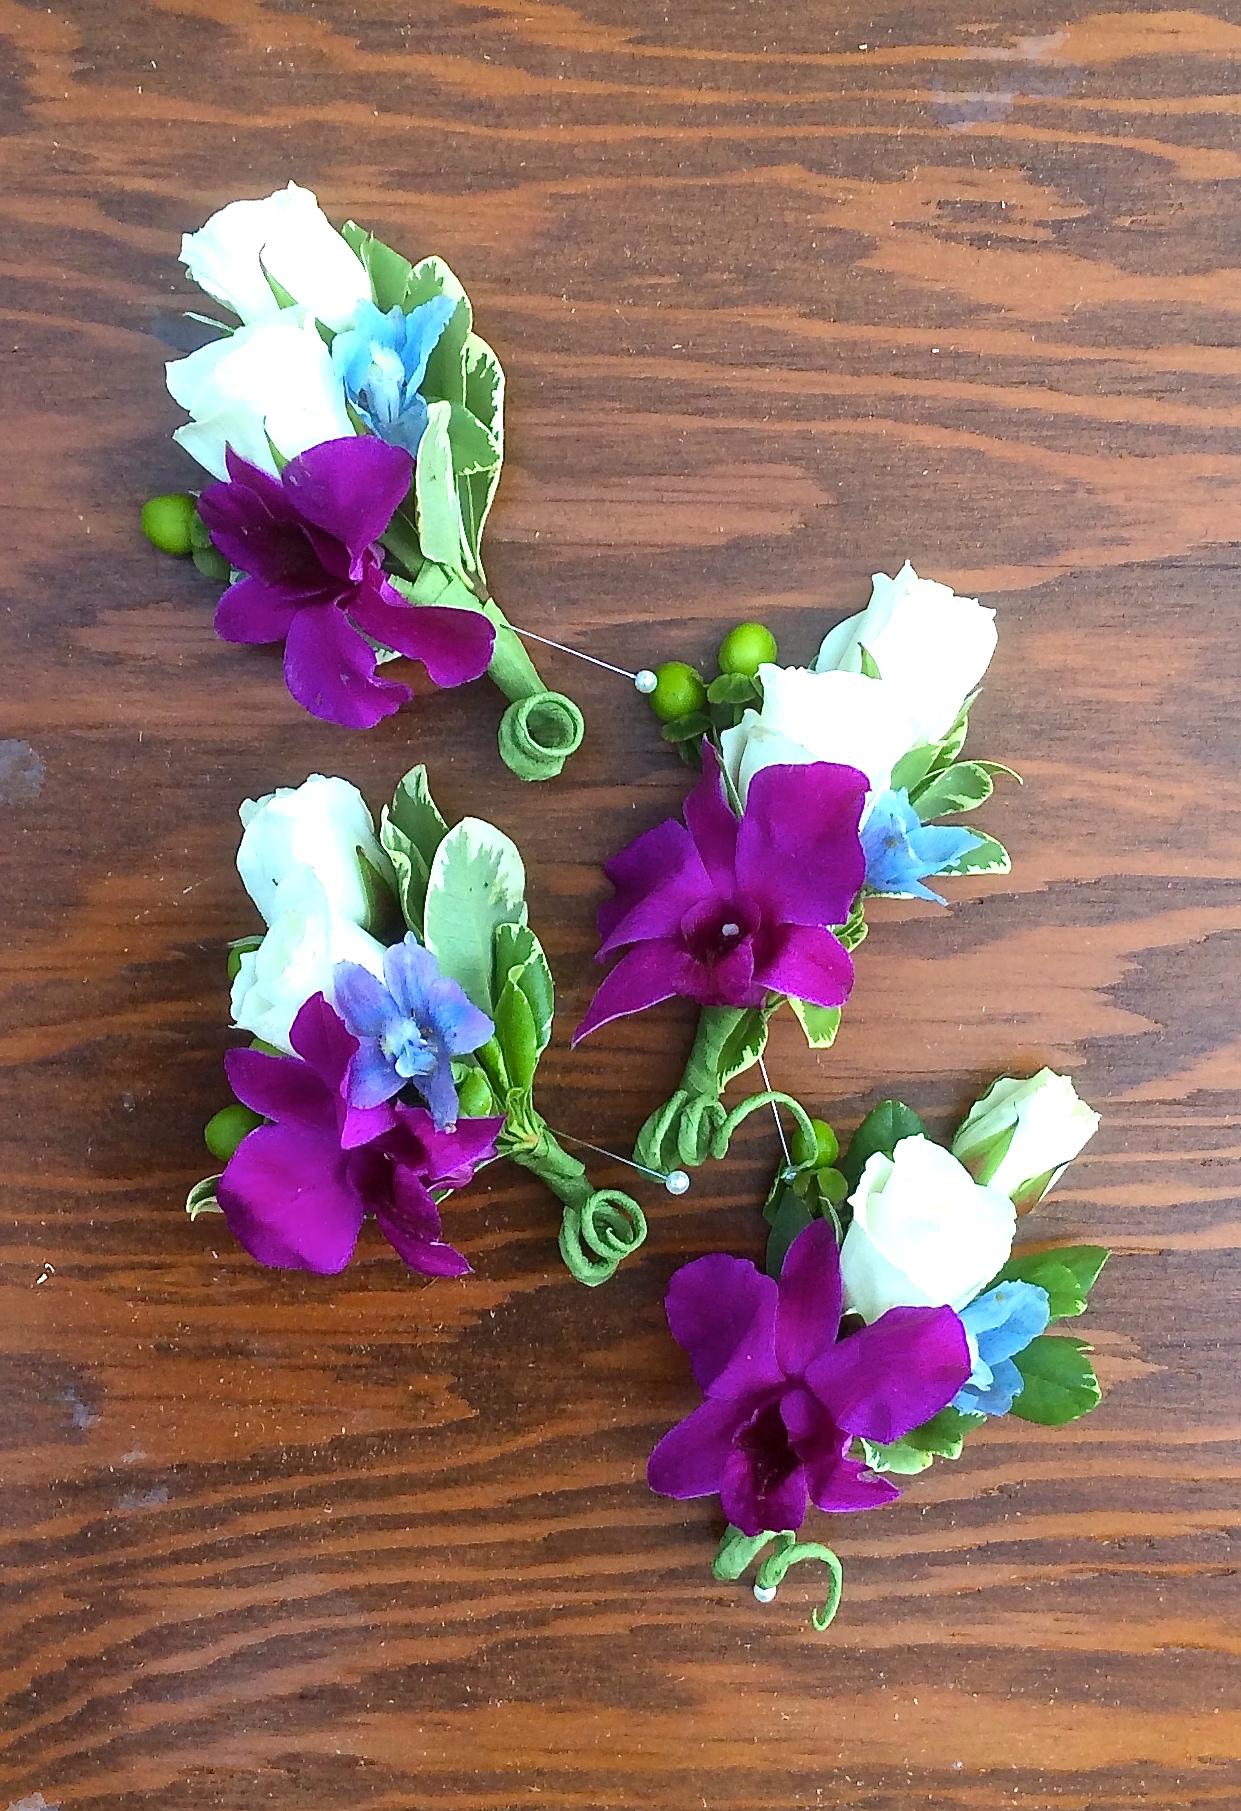 Spray roses, dendrobium orchids, and delphinium